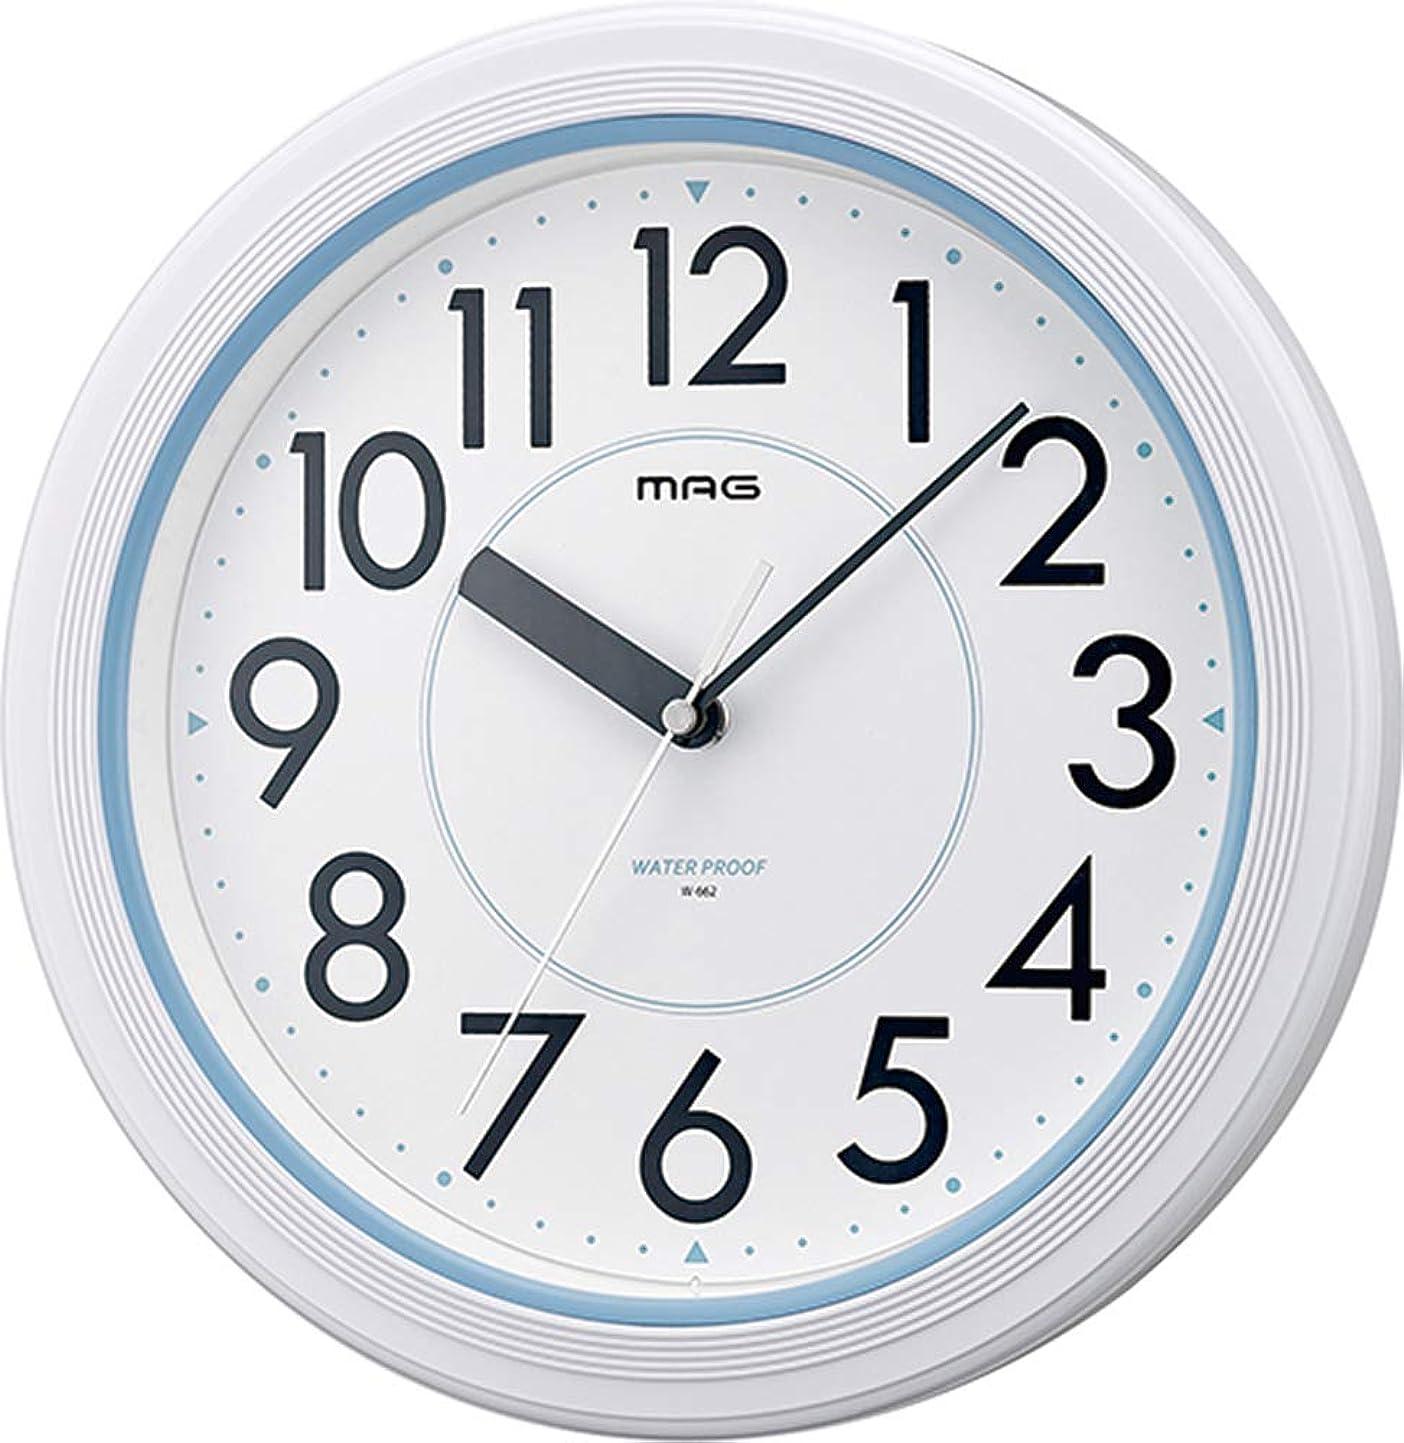 傘錫ロンドンMAG(マグ) 掛け時計 非電波 アナログ アクアガード 直径27.8cm 防塵 防水仕様 IP67 ホワイト W-662WH-Z